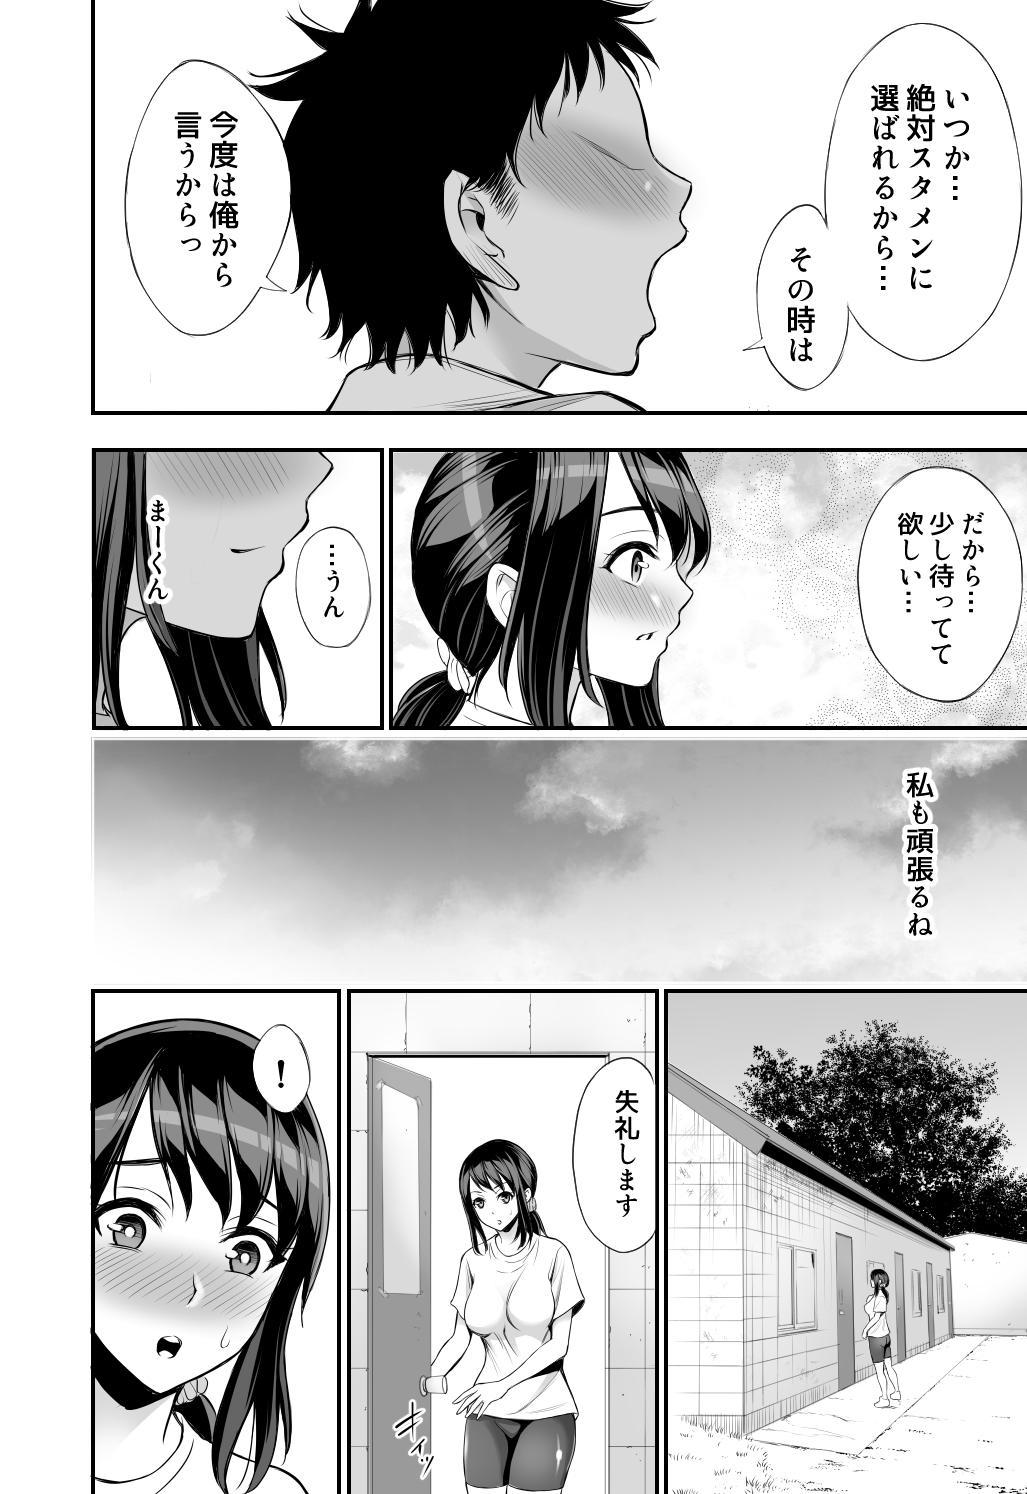 Futari no Yakusoku 8